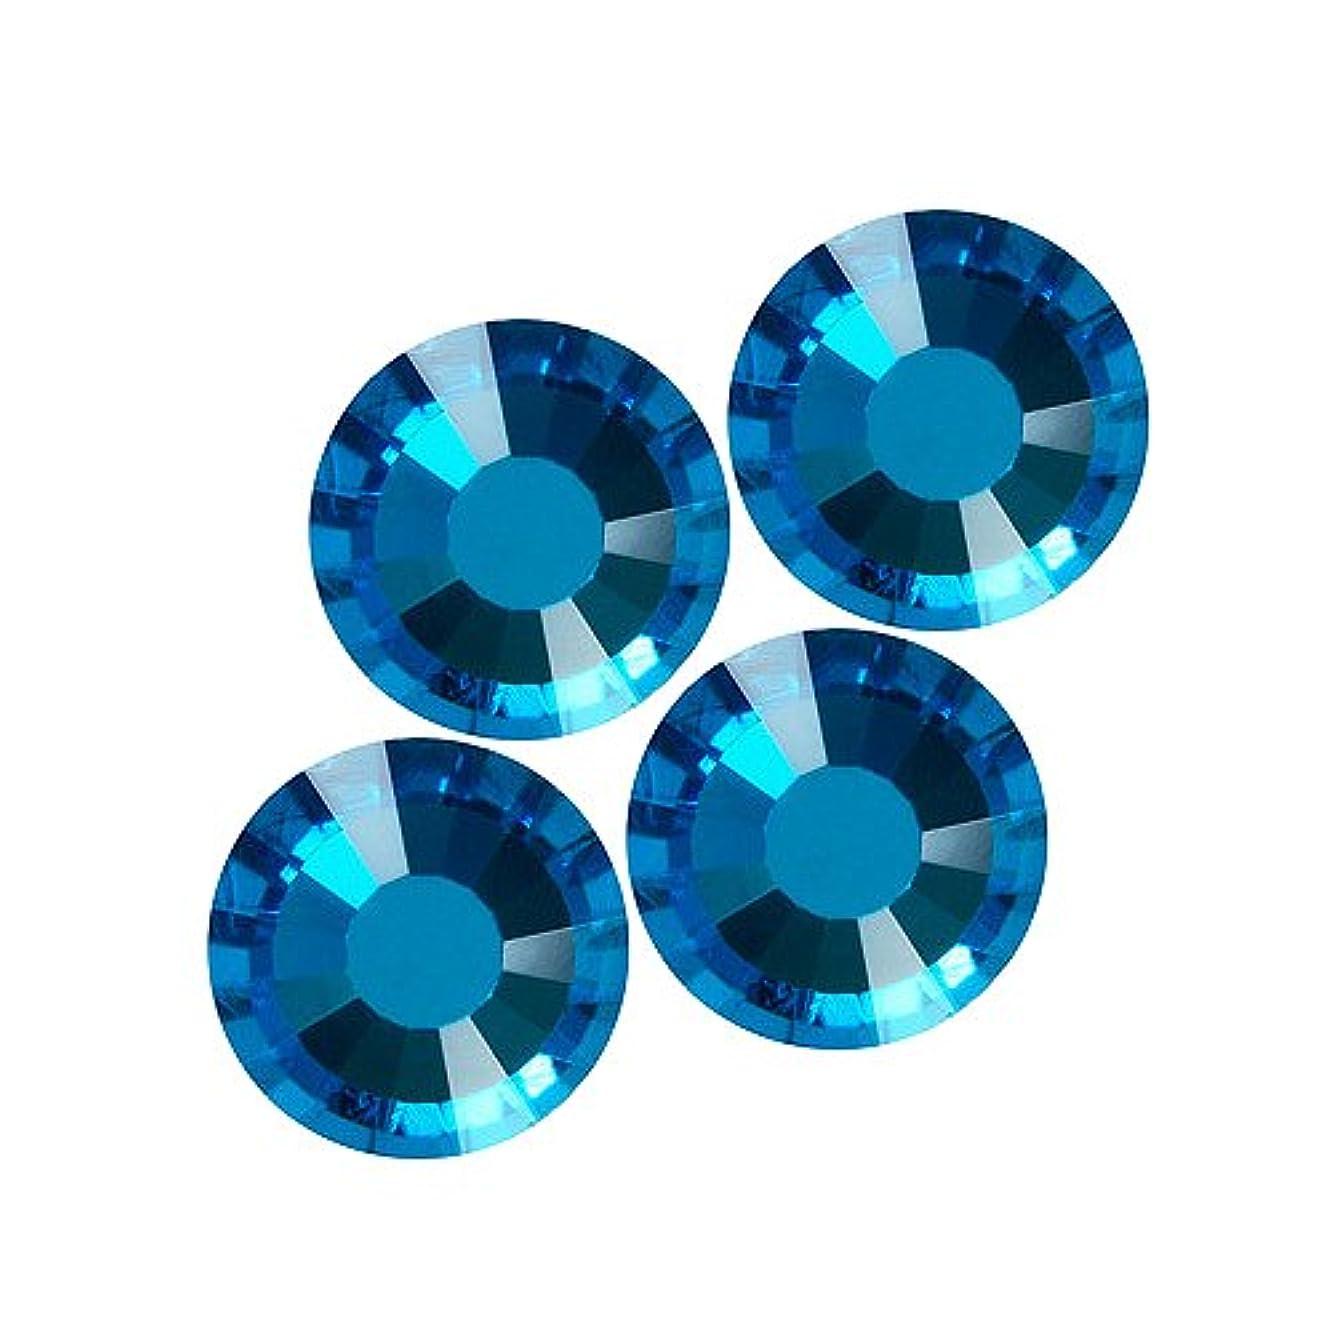 ぐるぐるマイルド人に関する限りバイナル DIAMOND RHINESTONE ブルージルコン SS16 720粒 ST-SS16-BUZ-5G